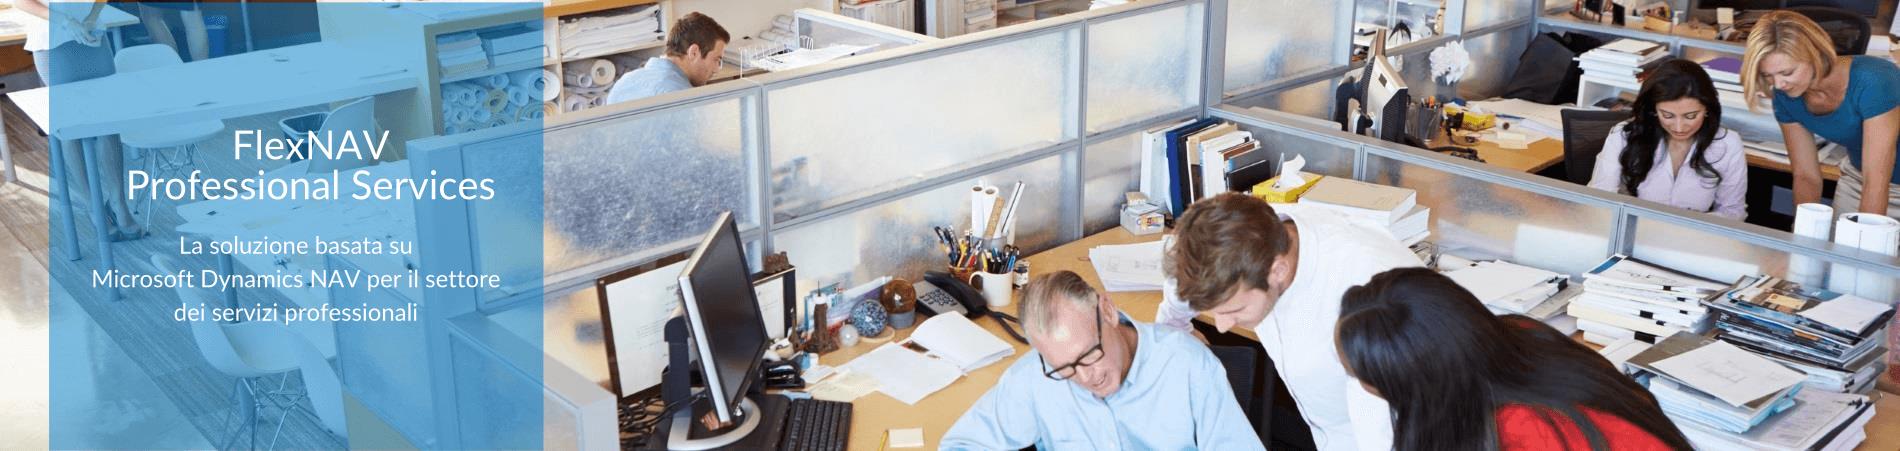 flexnav microsoft dynamics nav settore servizi professionali